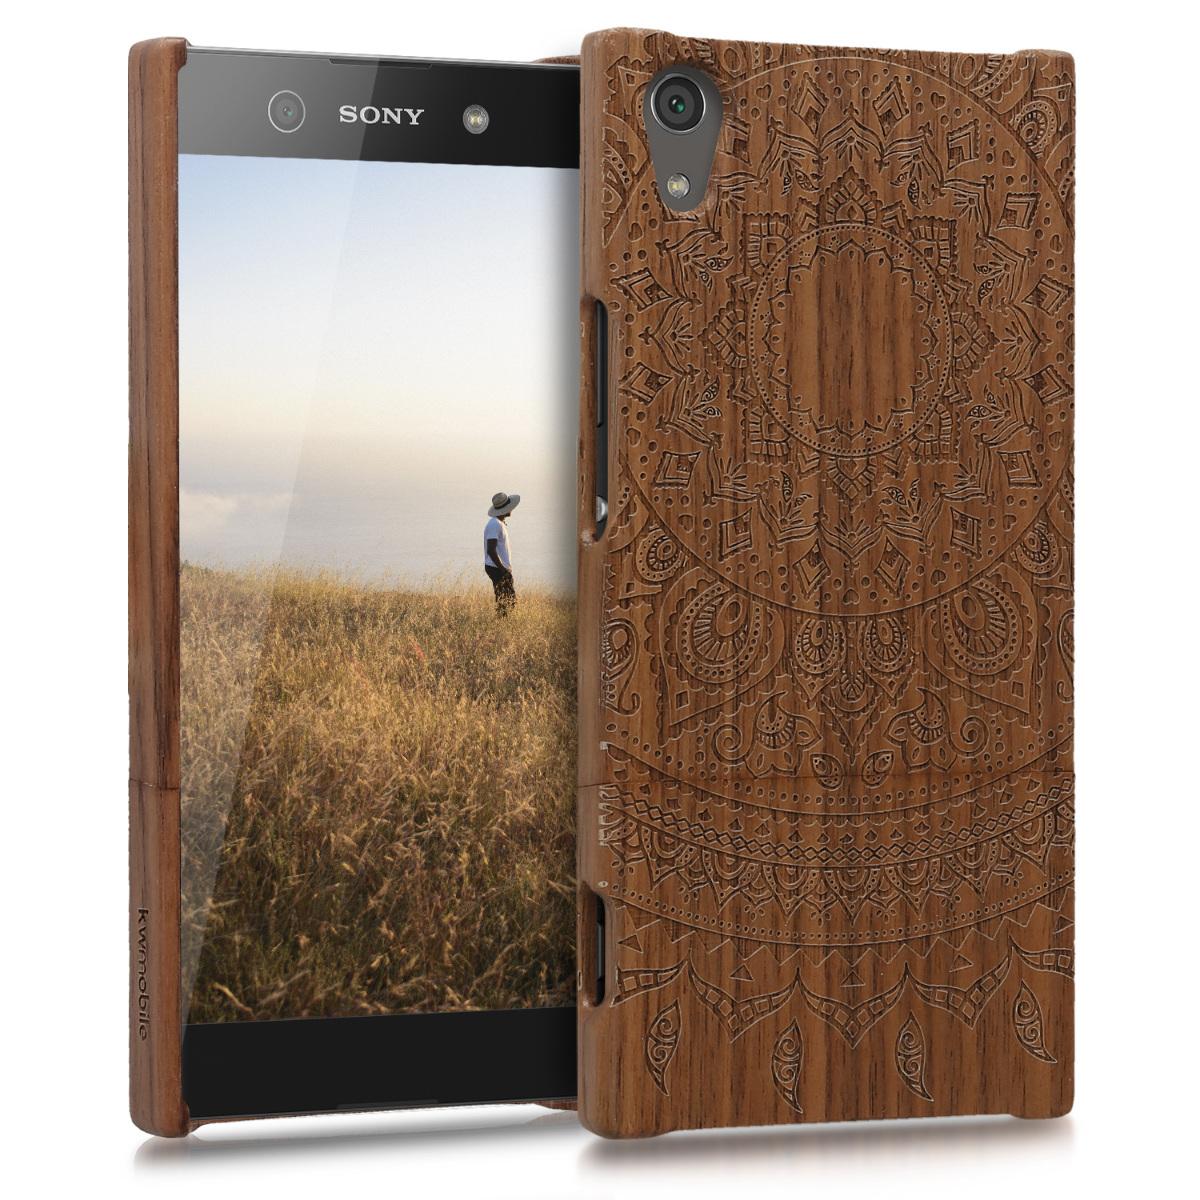 KW Σκληρή Ξύλινη Θήκη Sony Xperia XA1 Ultra (43891.01)